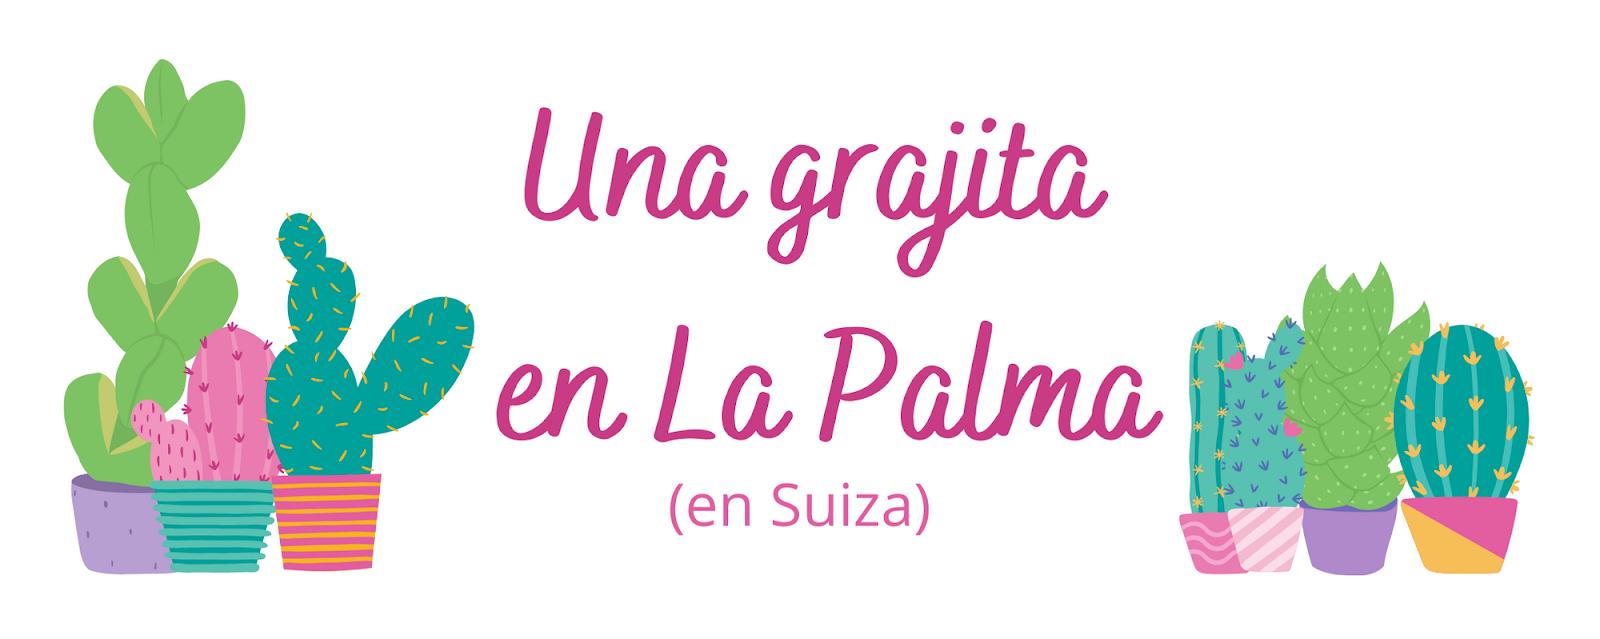 Una grajita en La Palma